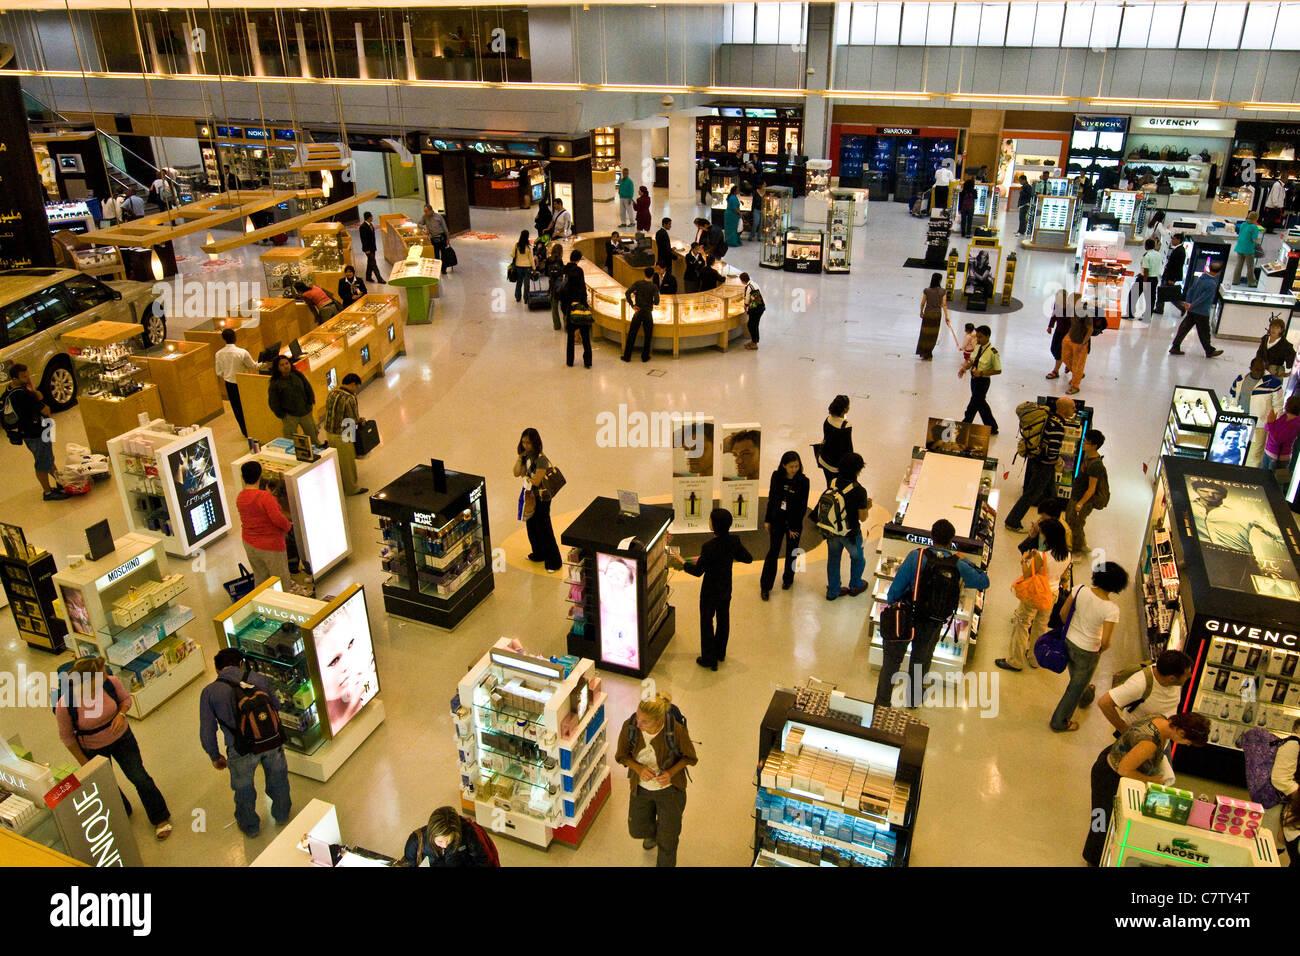 Le Qatar, l'aéroport de Doha. Duty free shop salon Banque D'Images